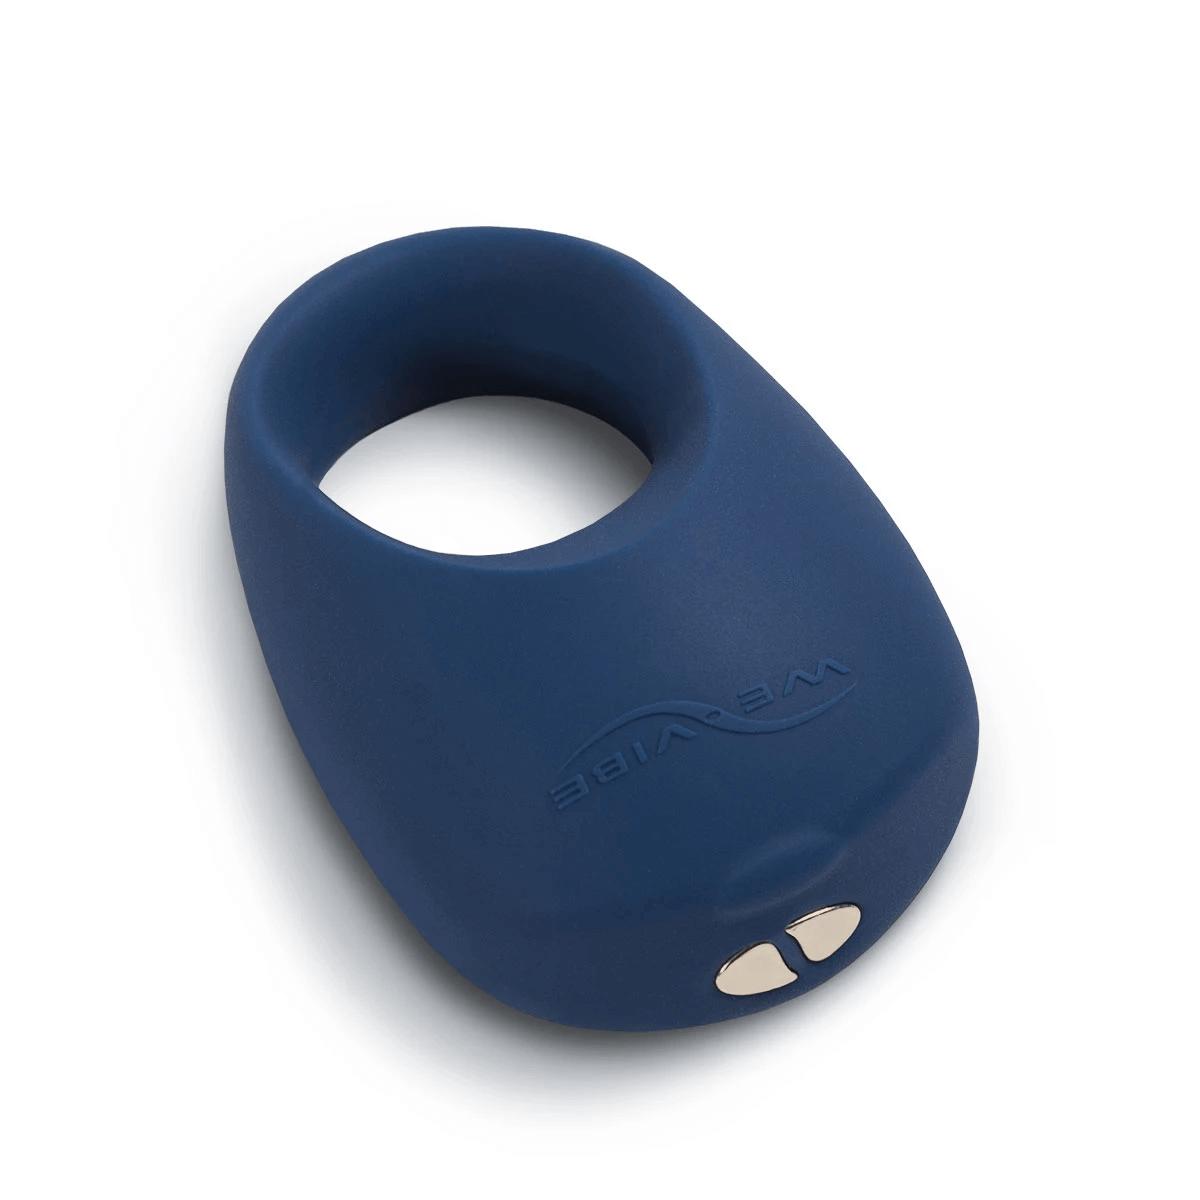 We-Vibe Pivot cock ring vibrator